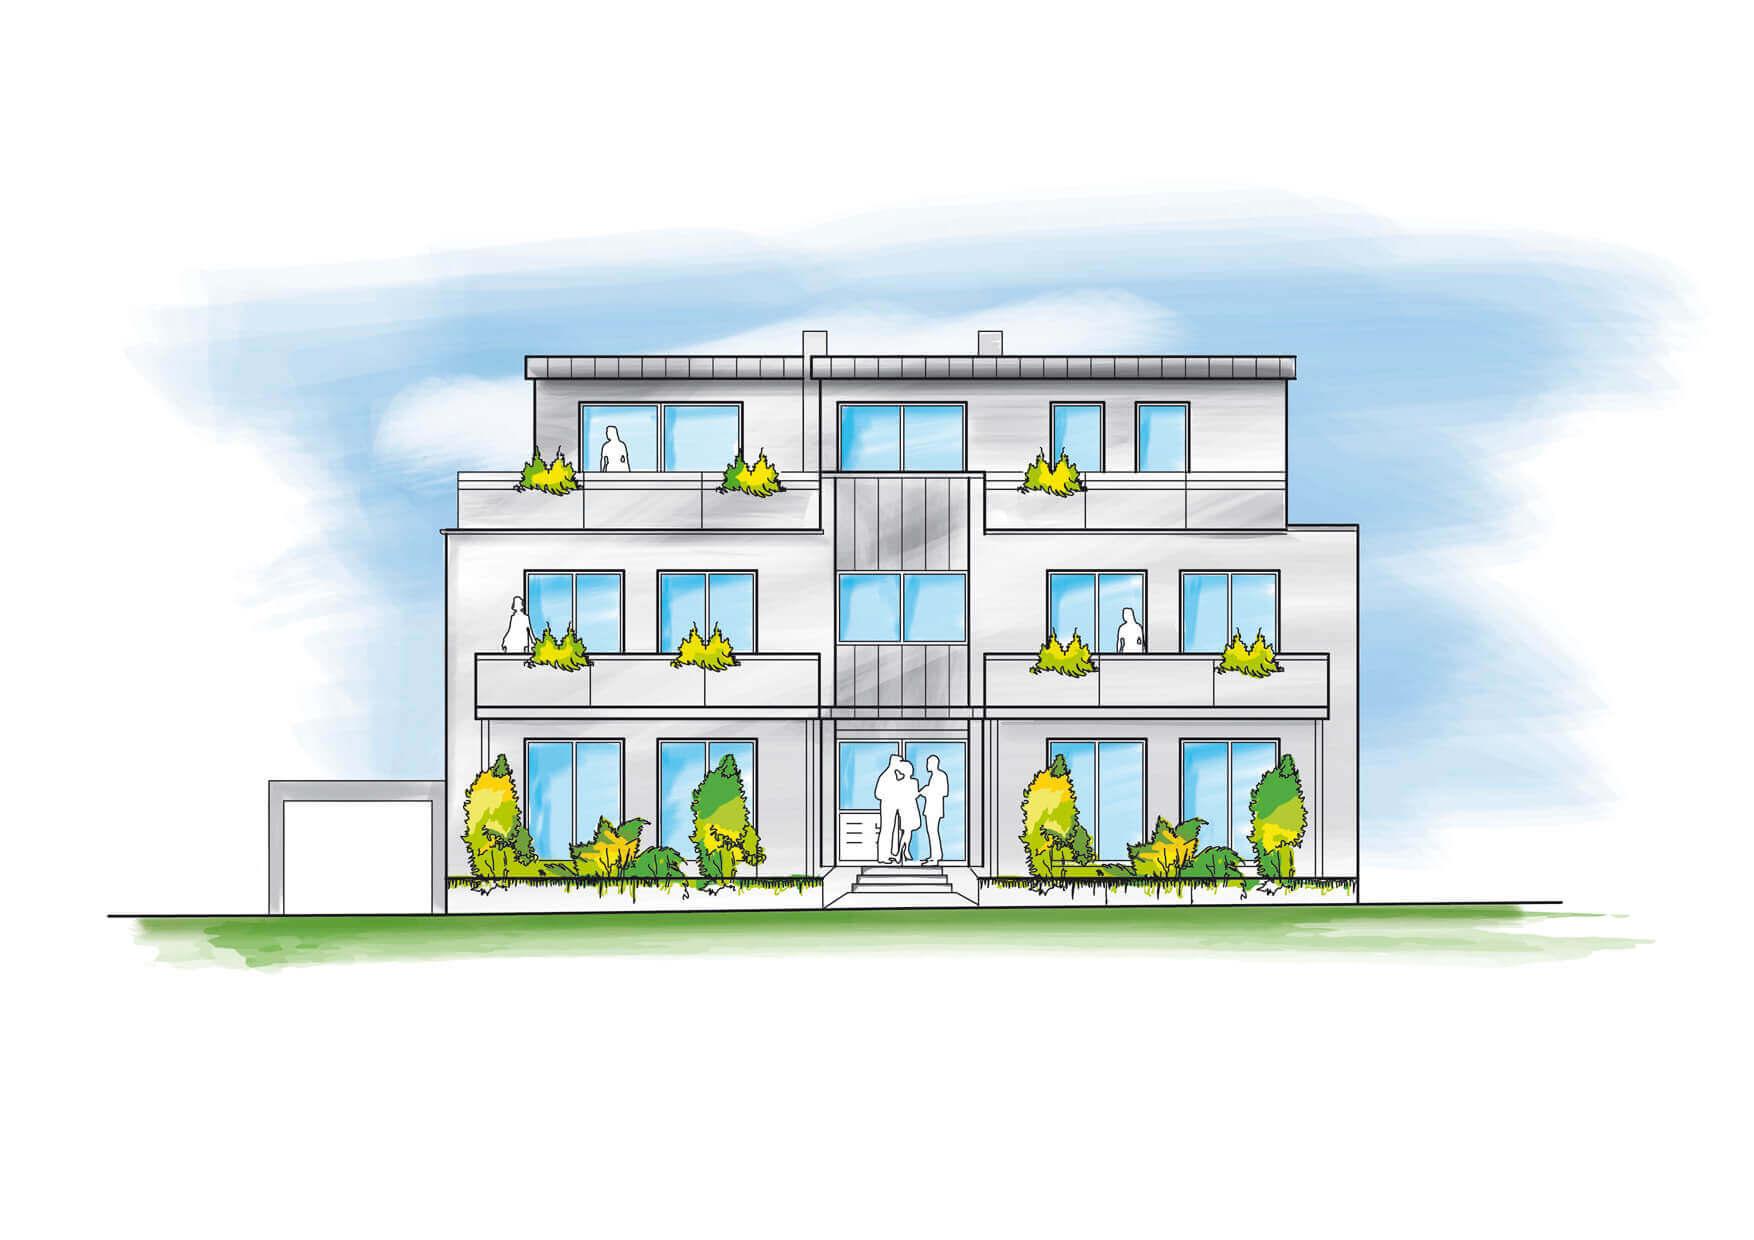 Illustrationen: Colorierung einer Bauzeichnung